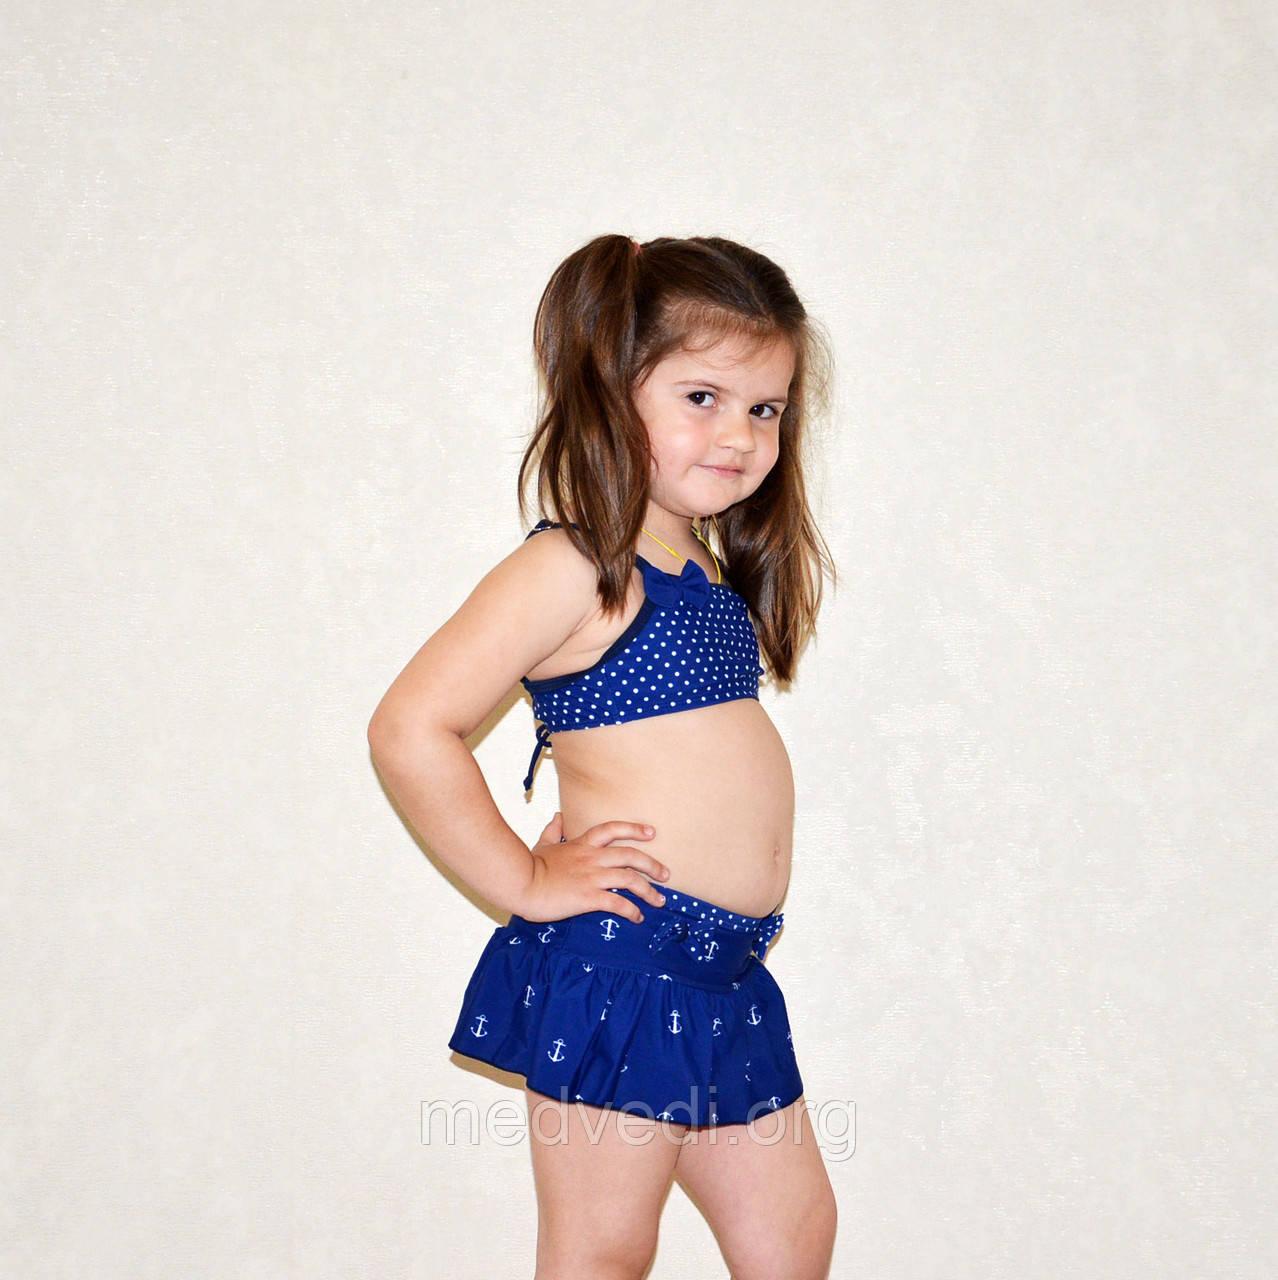 Детский купальник, комплект тройка, для девочки на возраст 8-10 лет, с юбкой, раздельный, размер 36